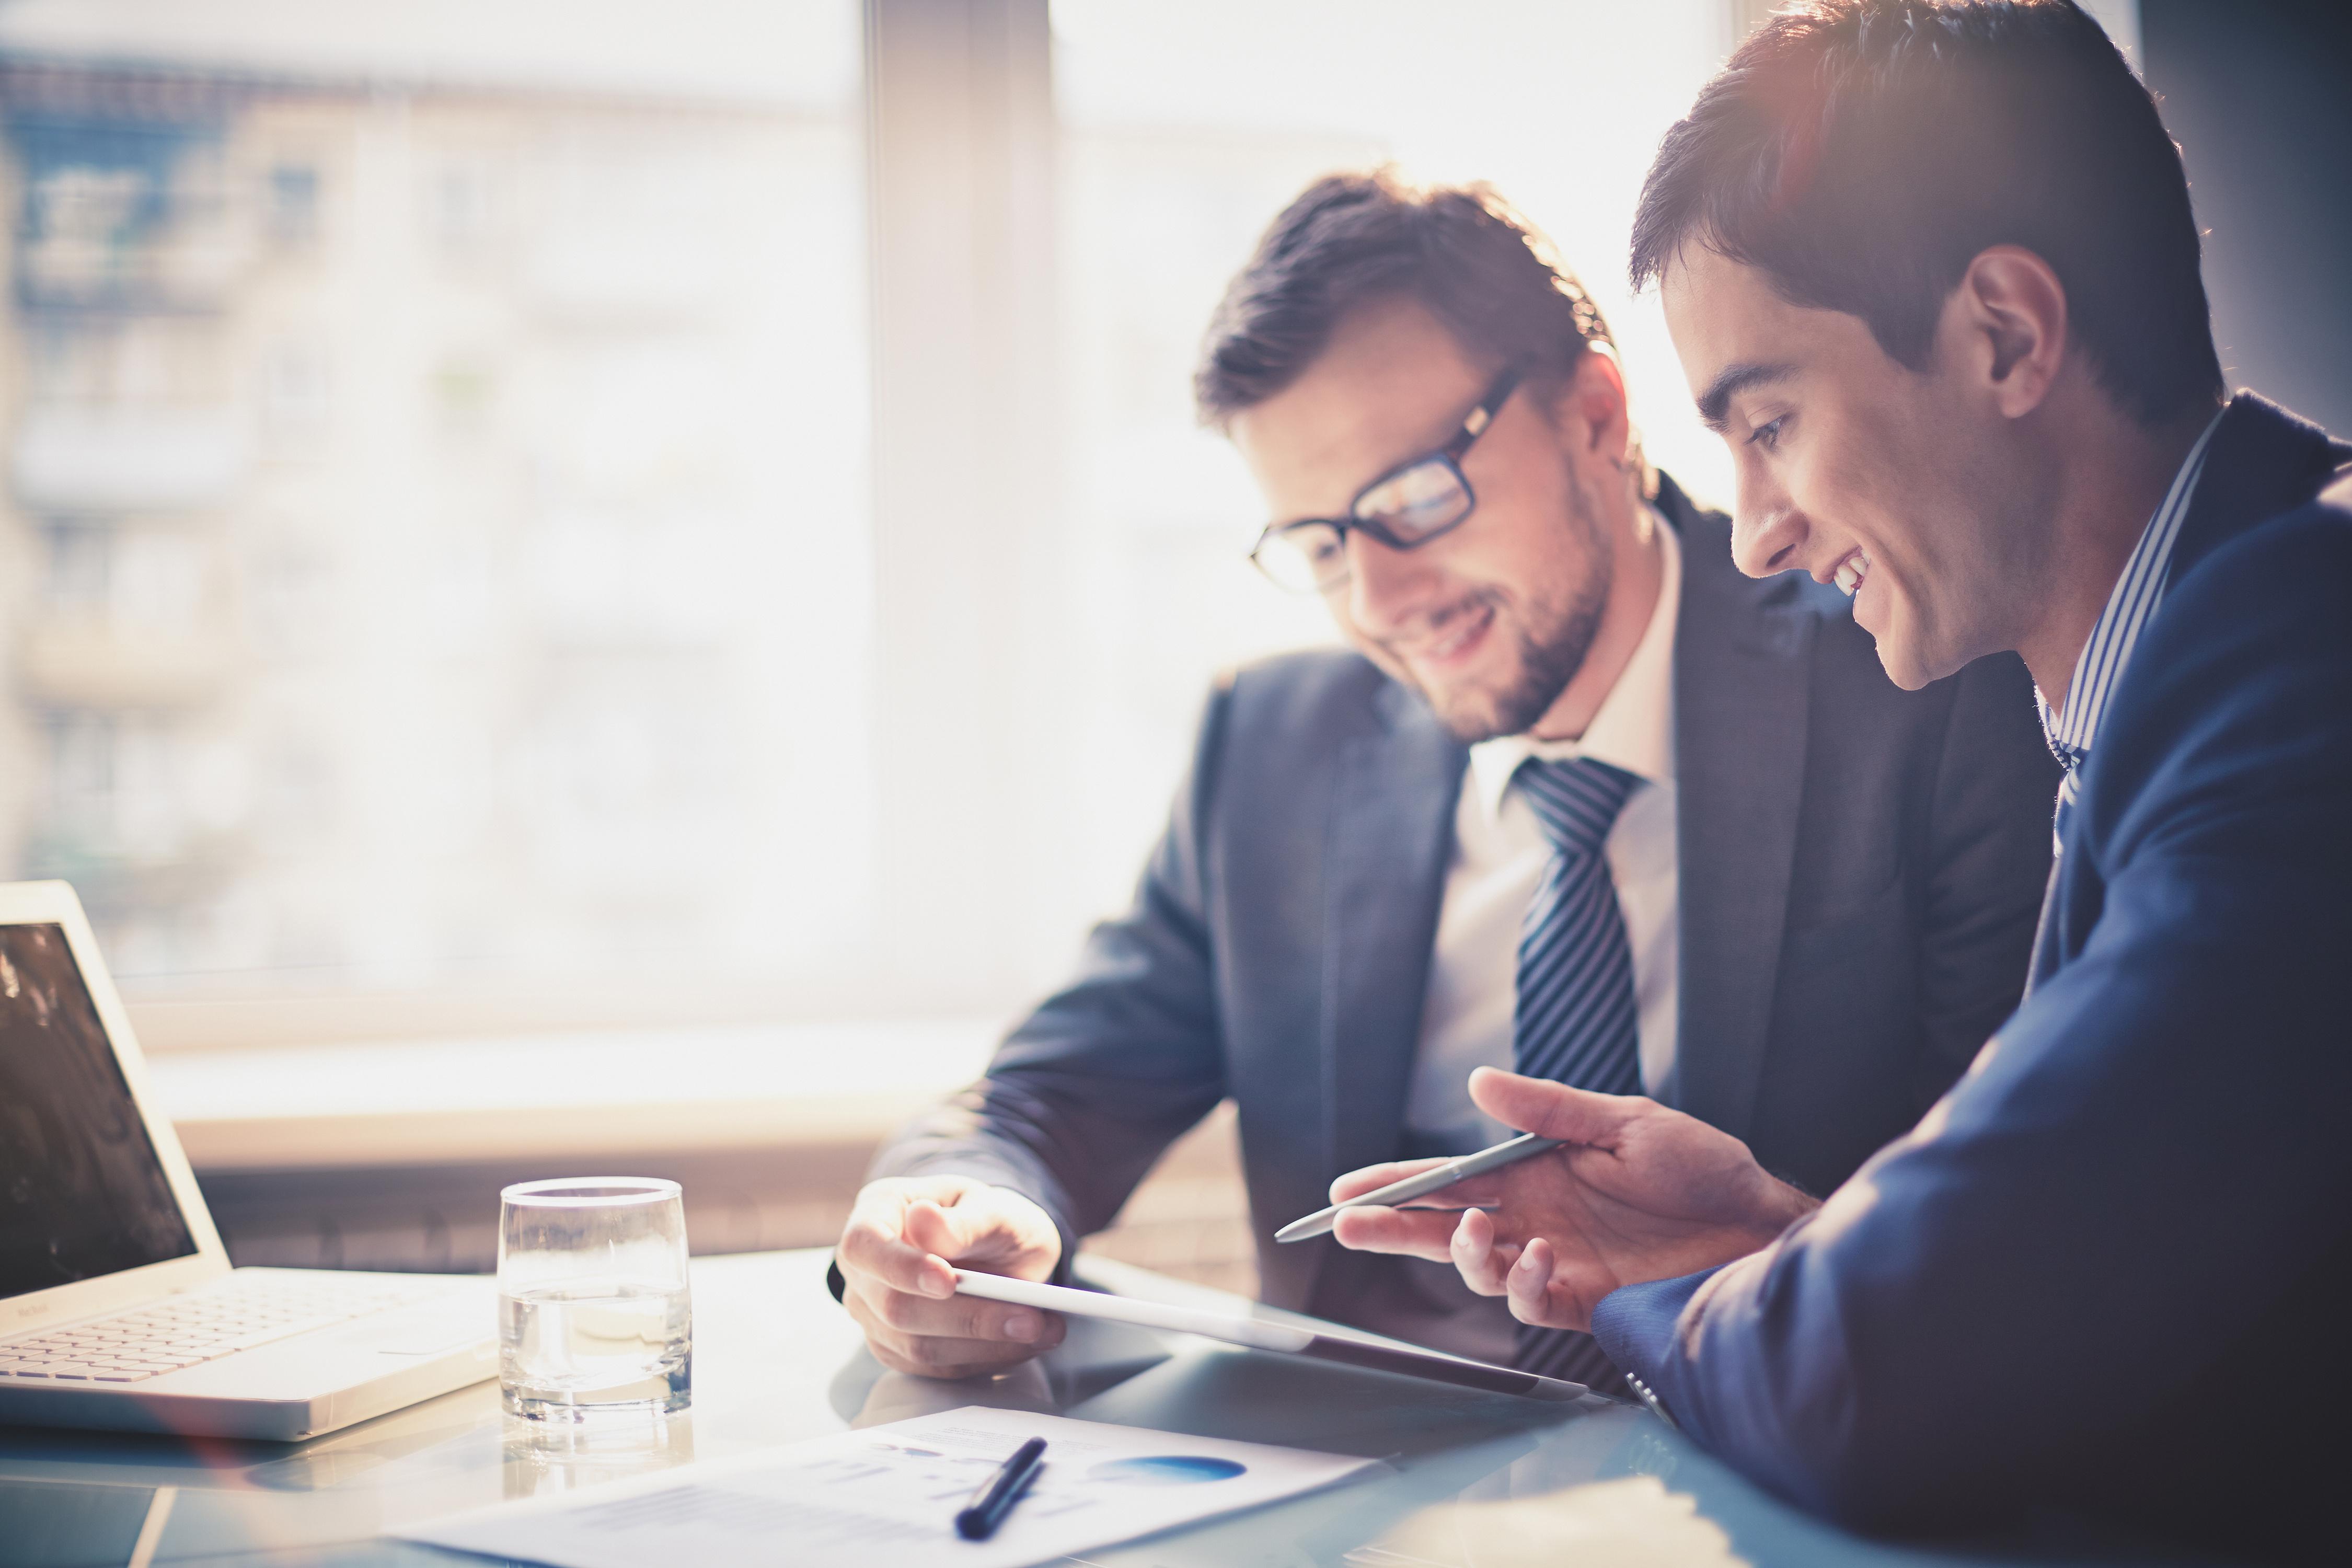 Regulamentação exige programa de compliance específico e efetivo para empresas que vendem ao governo